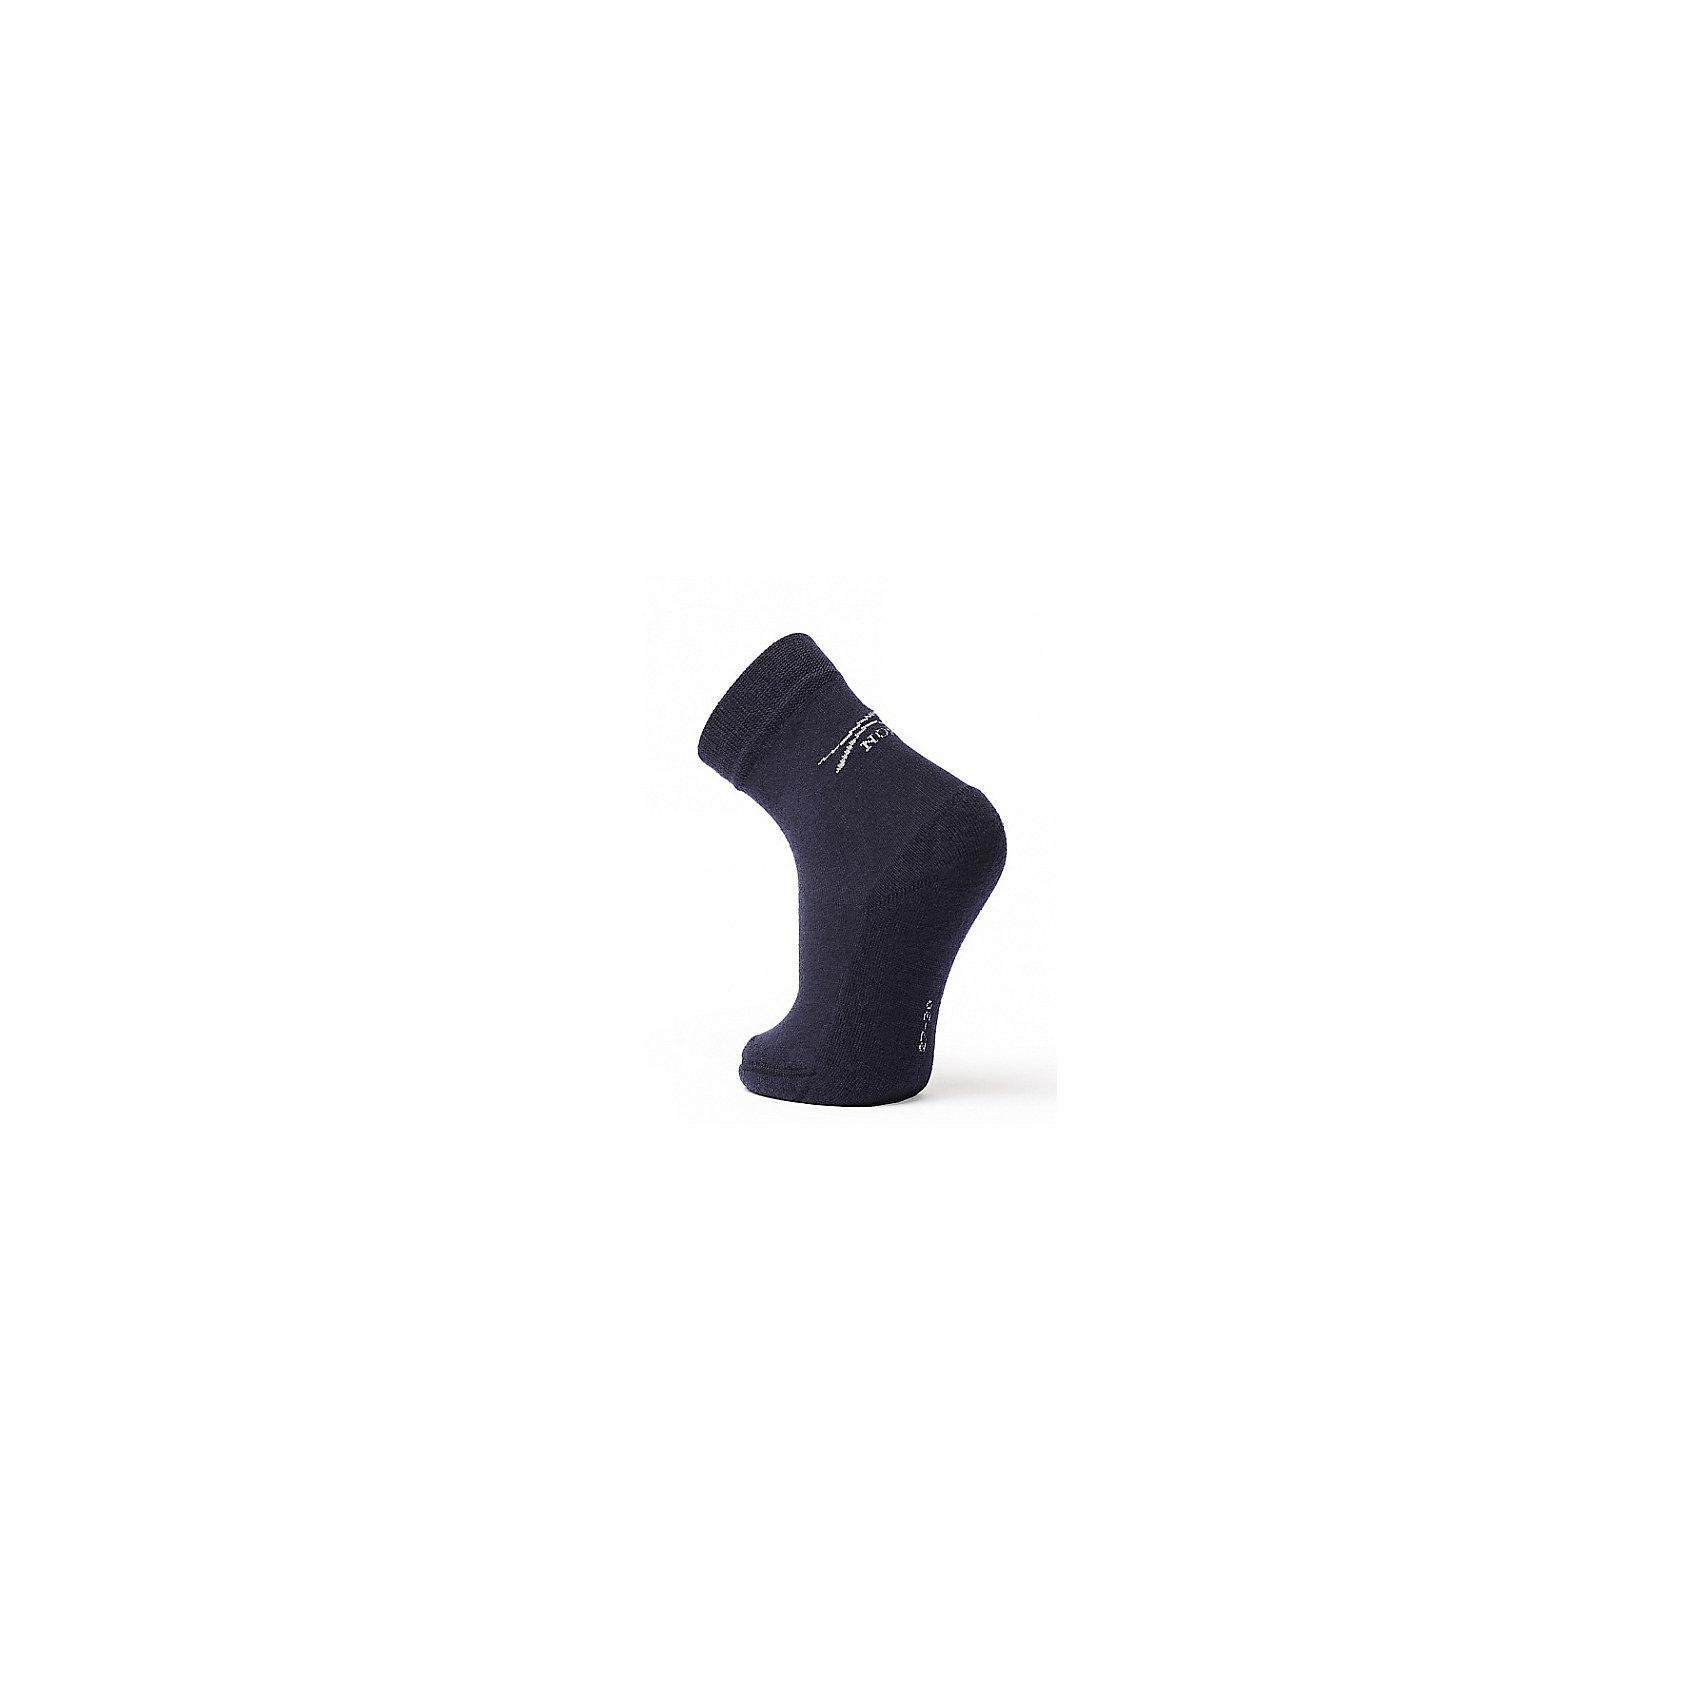 Термоноски NorvegТермоноски от известного бренда Norveg<br><br>Термоноски Norveg Soft Merino Wool от немецкой компании Norveg (Норвег) - это удобная и красивая одежда, которая обеспечит комфортную терморегуляцию тела и на улице, и в помещении. <br>Они сделаны из шерсти мериноса (австралийской тонкорунной овцы), которая обладает гипоаллергенными свойствами, поэтому не вызывает раздражения, даже если надета на голое тело. <br><br>Отличительные особенности модели:<br><br>- цвет: синий;<br>- анатомические резинки;<br>- материал впитывает влагу и сразу выводит наружу;<br>- анатомический крой;<br>- подходит и мальчикам, и девочкам;<br>- дополнительная фиксация в районе свода стопы;<br>- анатомическая пятка;<br>- бесшовный мысок.<br><br>Дополнительная информация:<br><br>- Температурный режим: от - 20° С  до +10° С.<br><br>- Состав: 87% Шерсть мериносов, 10% Полиэстер, 3% Эластан<br><br>Носки Norveg (Норвег) можно купить в нашем магазине.<br><br>Ширина мм: 87<br>Глубина мм: 10<br>Высота мм: 105<br>Вес г: 115<br>Цвет: синий<br>Возраст от месяцев: 6<br>Возраст до месяцев: 9<br>Пол: Мужской<br>Возраст: Детский<br>Размер: 19-22,23-26,35-38,27-30,31-34<br>SKU: 4224725